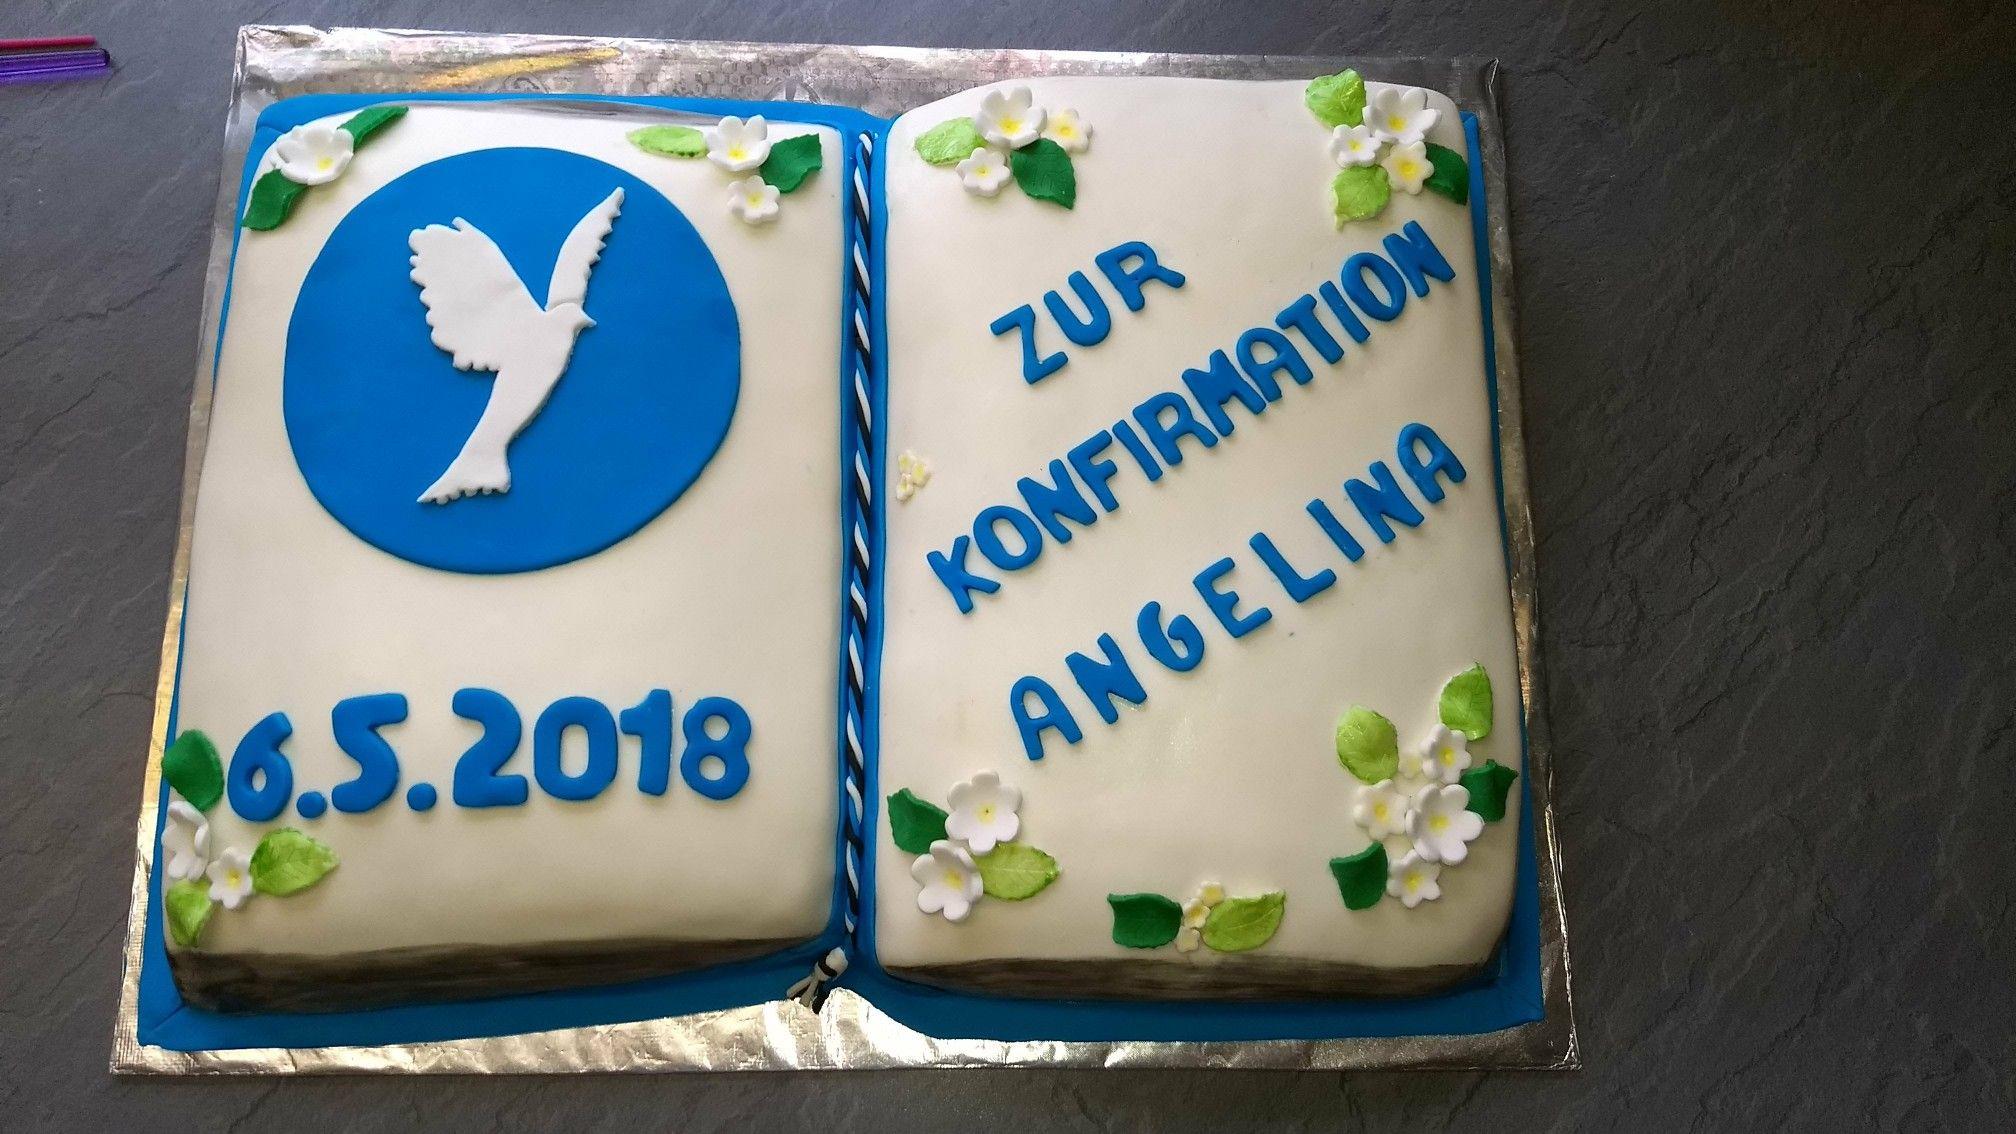 Attraktiv Heller Boden Dekoration Von Konfirmation Torte, Buchtorte Buchseite 1: Boden, Vanillebuttercreme